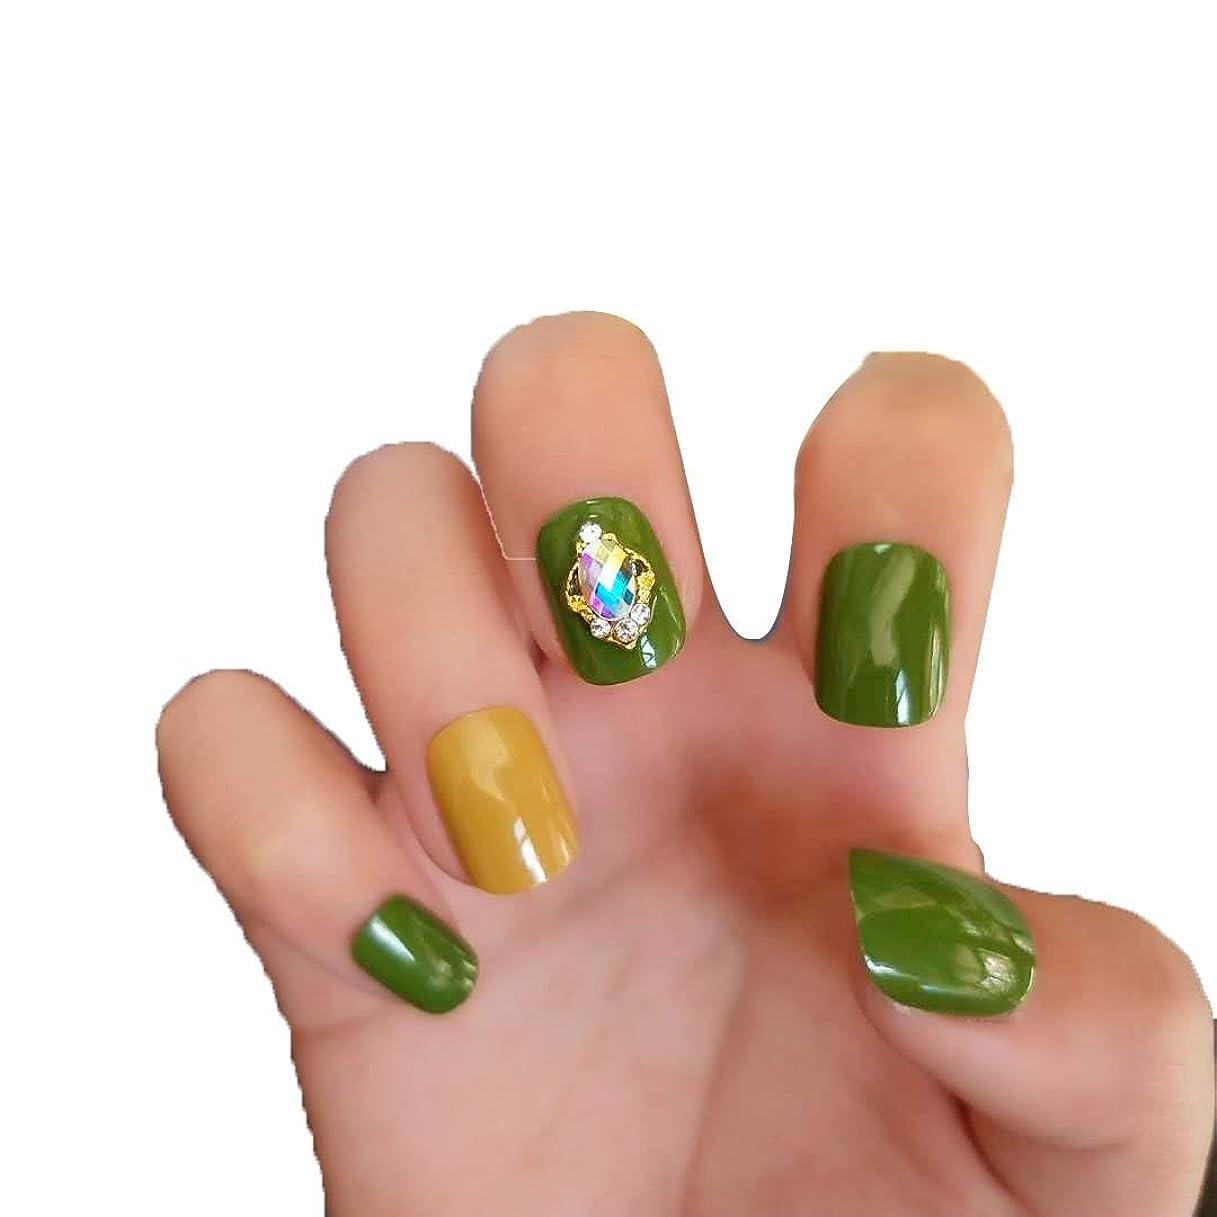 九月論理チップXUANHU NAIL PATCH ネイルチップ 24枚セット 偽爪 12別サイズ 手作りネイルチップ デコレーション ネイルチップ つけ爪 24枚入 シンプル